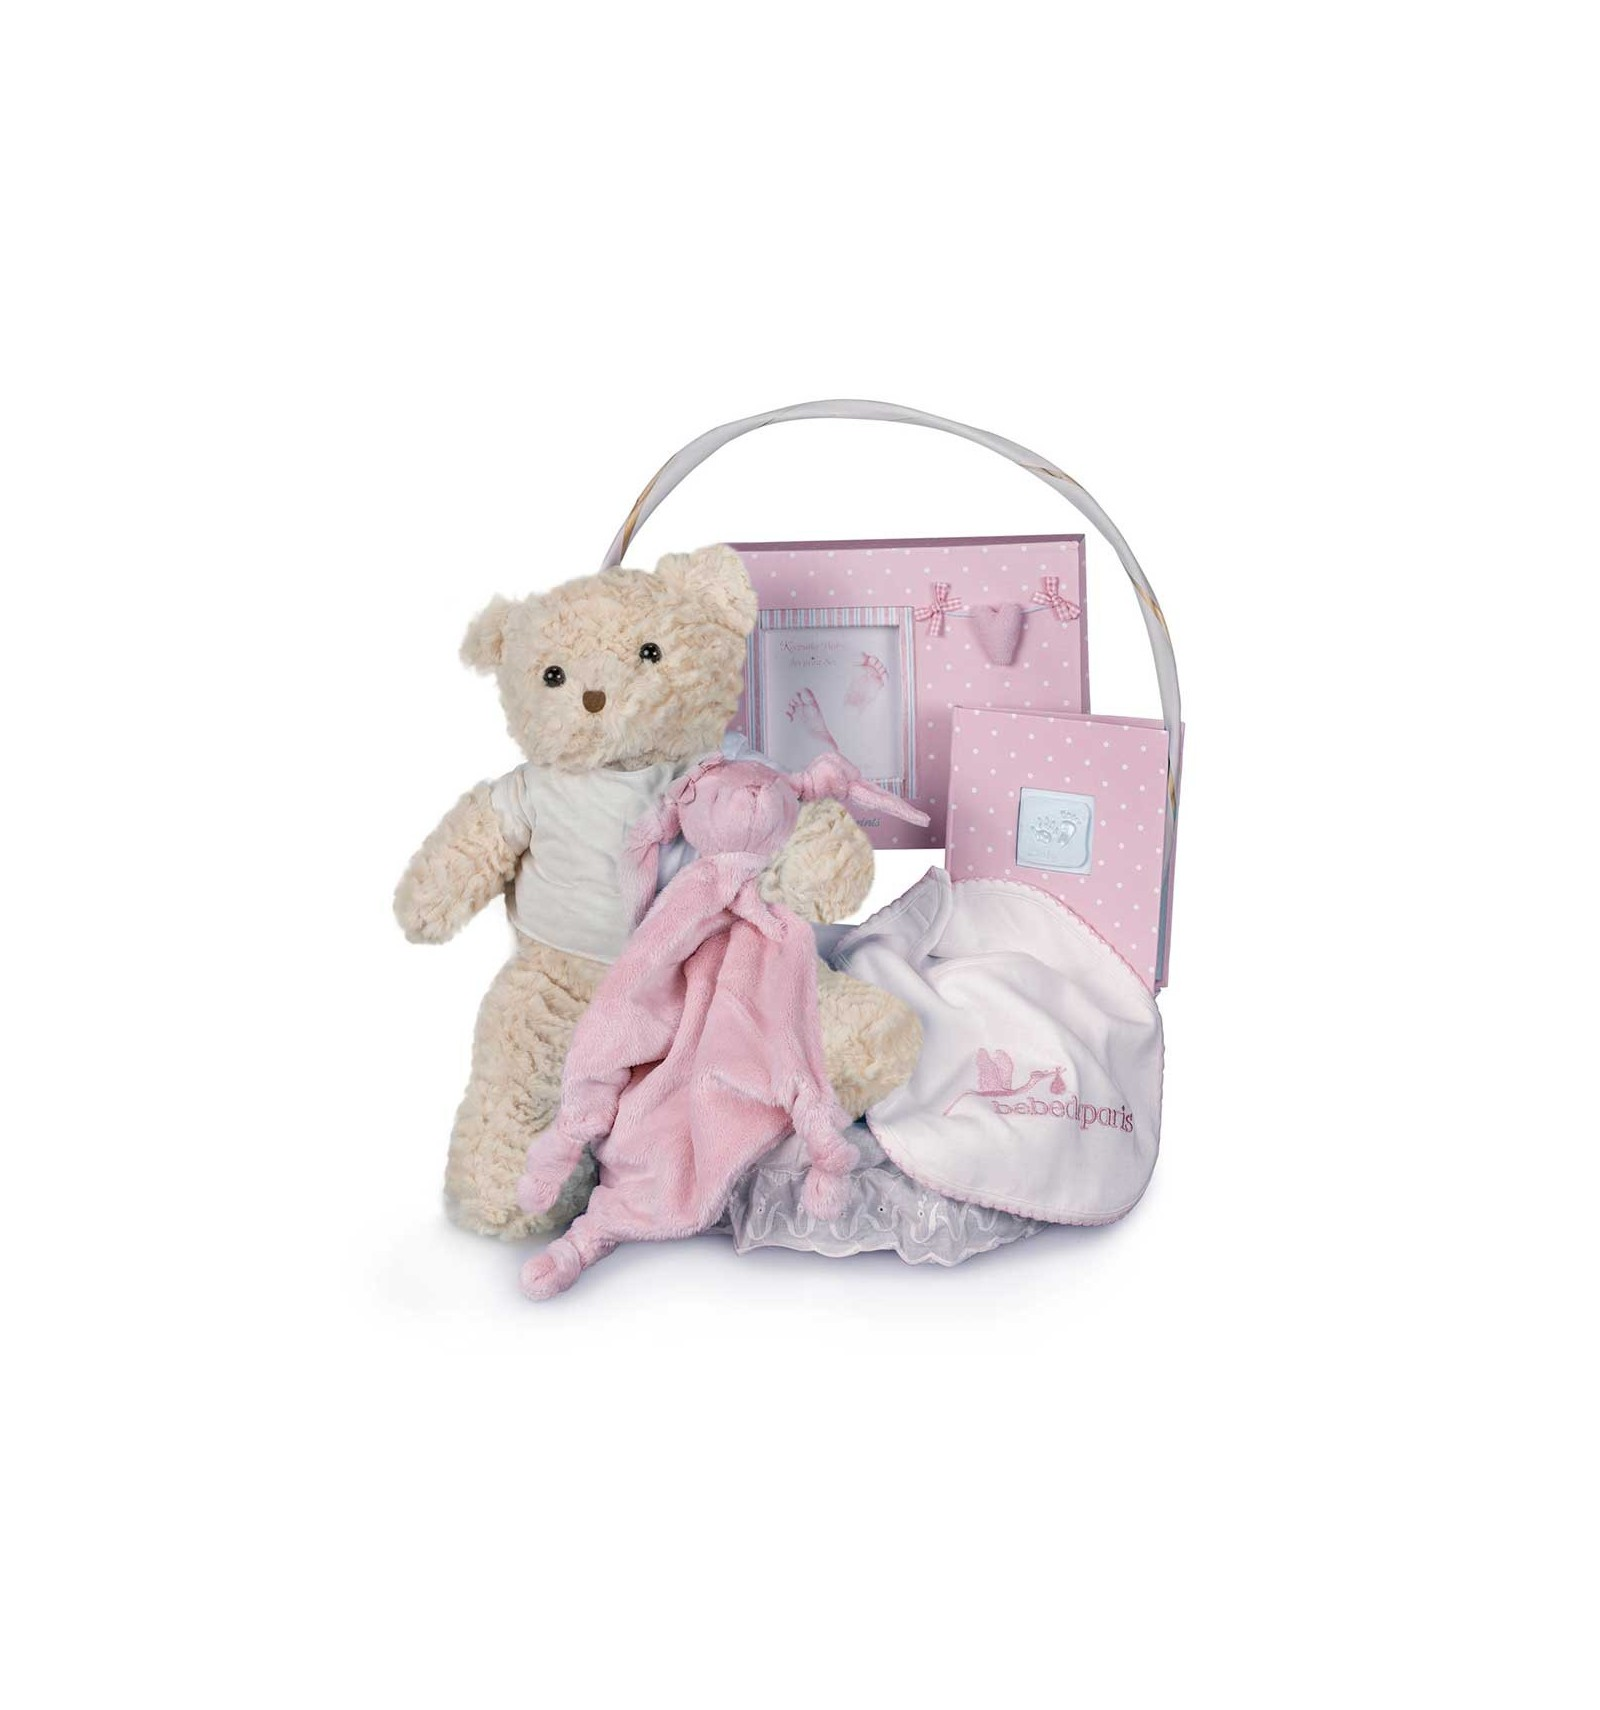 Bebedeparis baby hampers and baby gifts bebedeparis uk memories essential baby gift hamper negle Choice Image